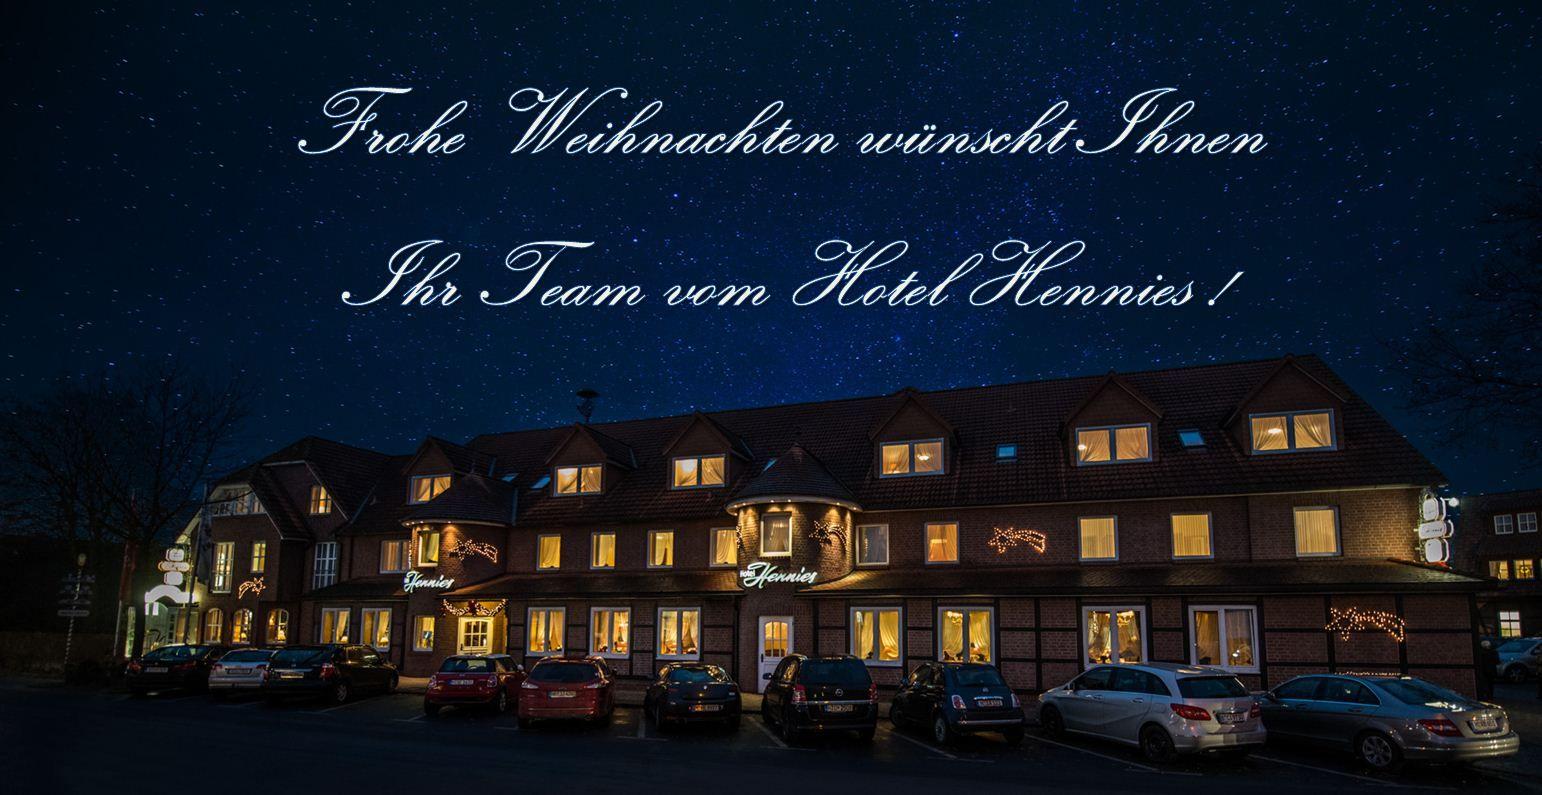 Frohe Weihnachten und einen guten Rutsch ins neue Jahr - wünsch Ihnen die Familie Hennies und unser Team!